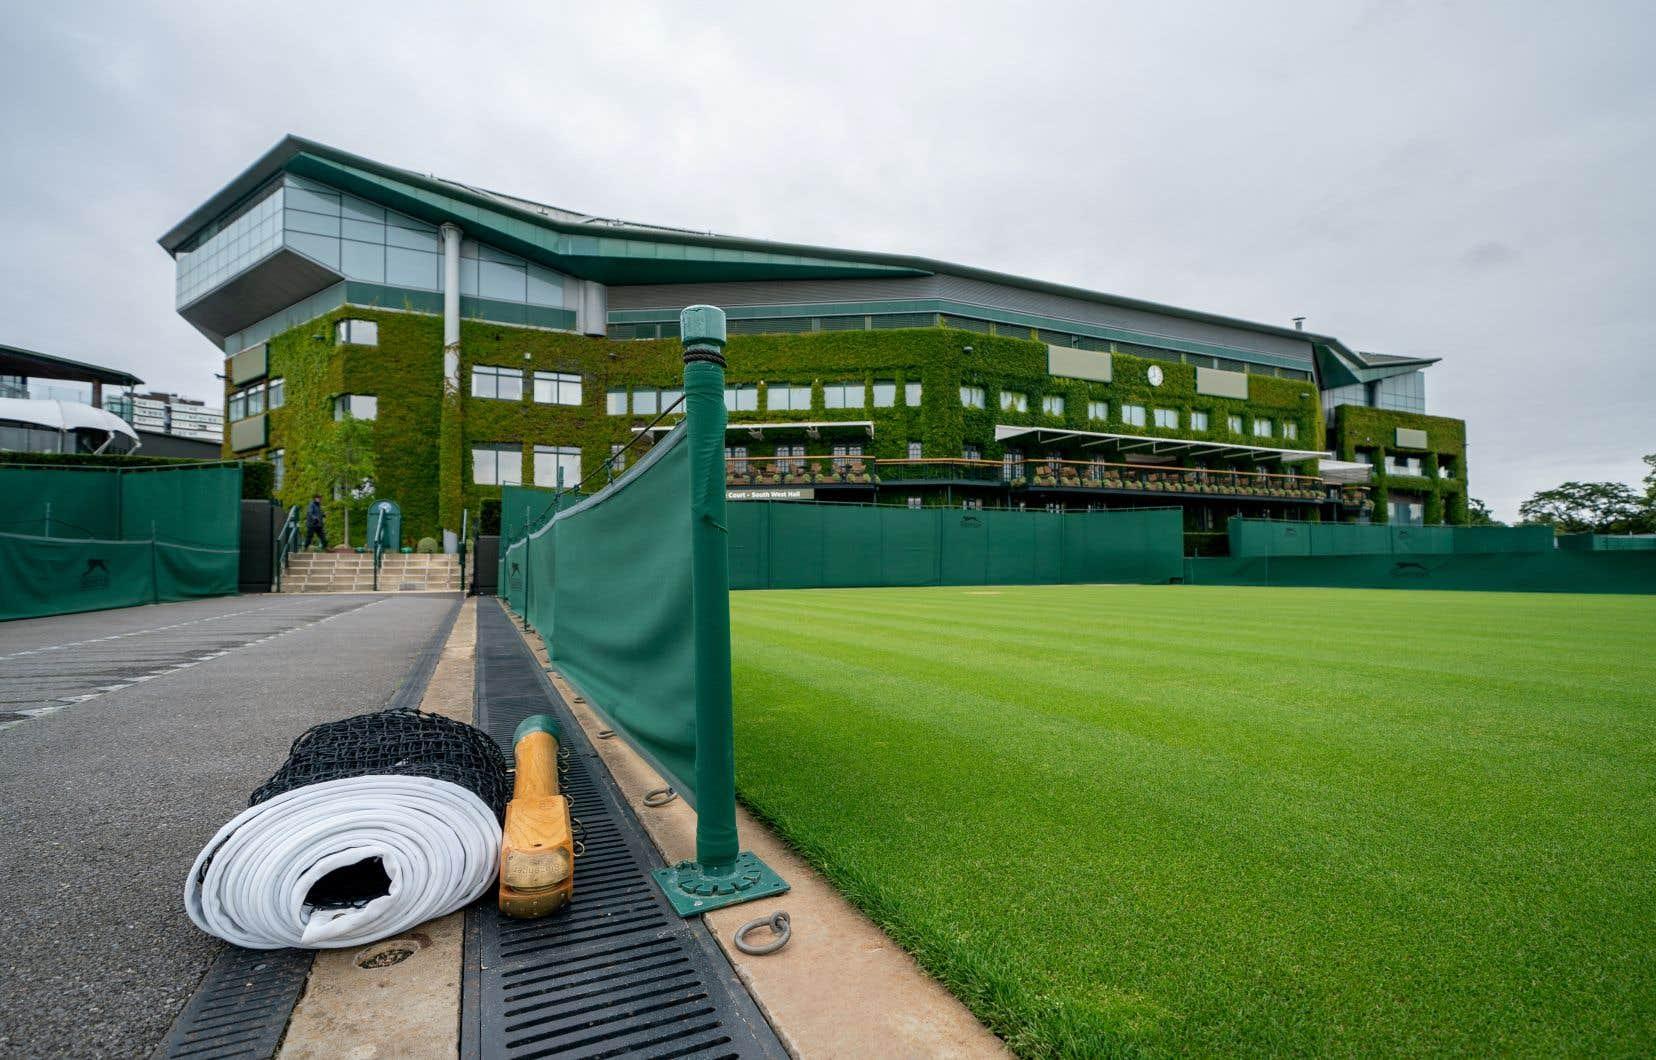 Le monde du tennis a été ébranlé lorsque le All England Club a annoncé le 1eravril 2020 que le tournoi de Wimbledon serait annulé à cause de la pandémie de coronavirus — une première depuis la Deuxième Guerre mondiale.